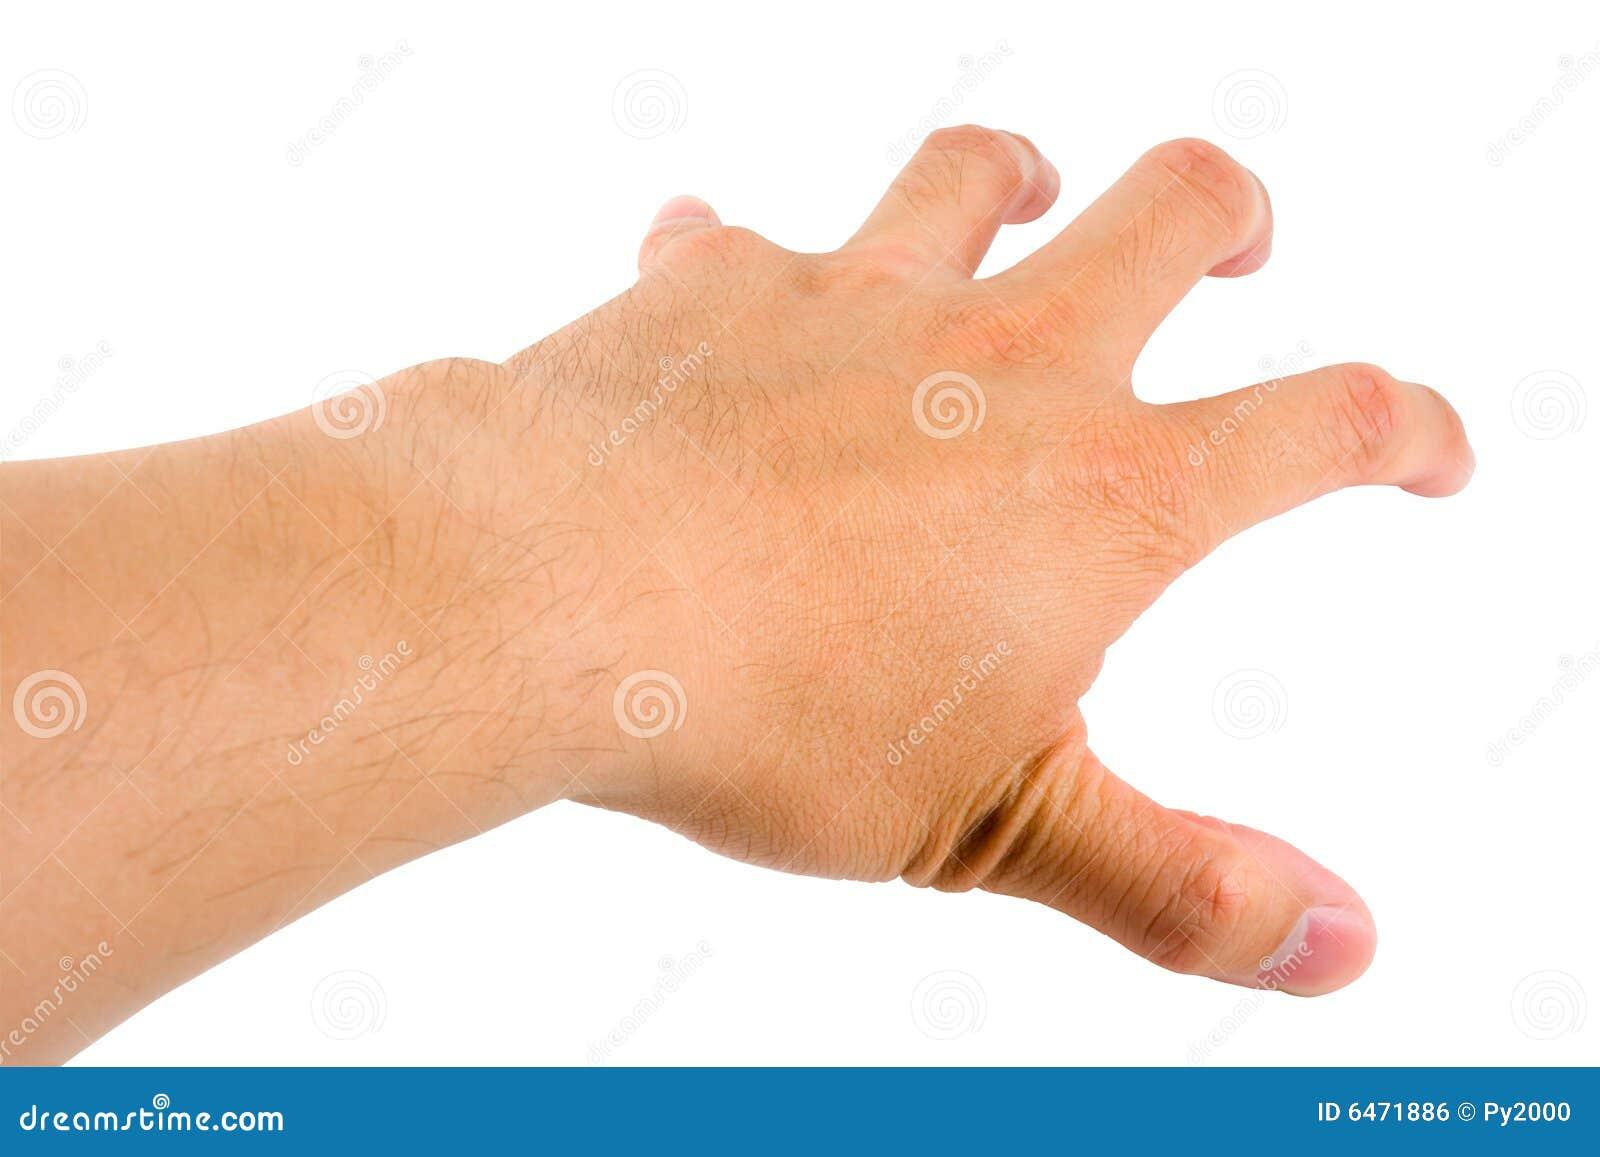 Chwycić za rękę